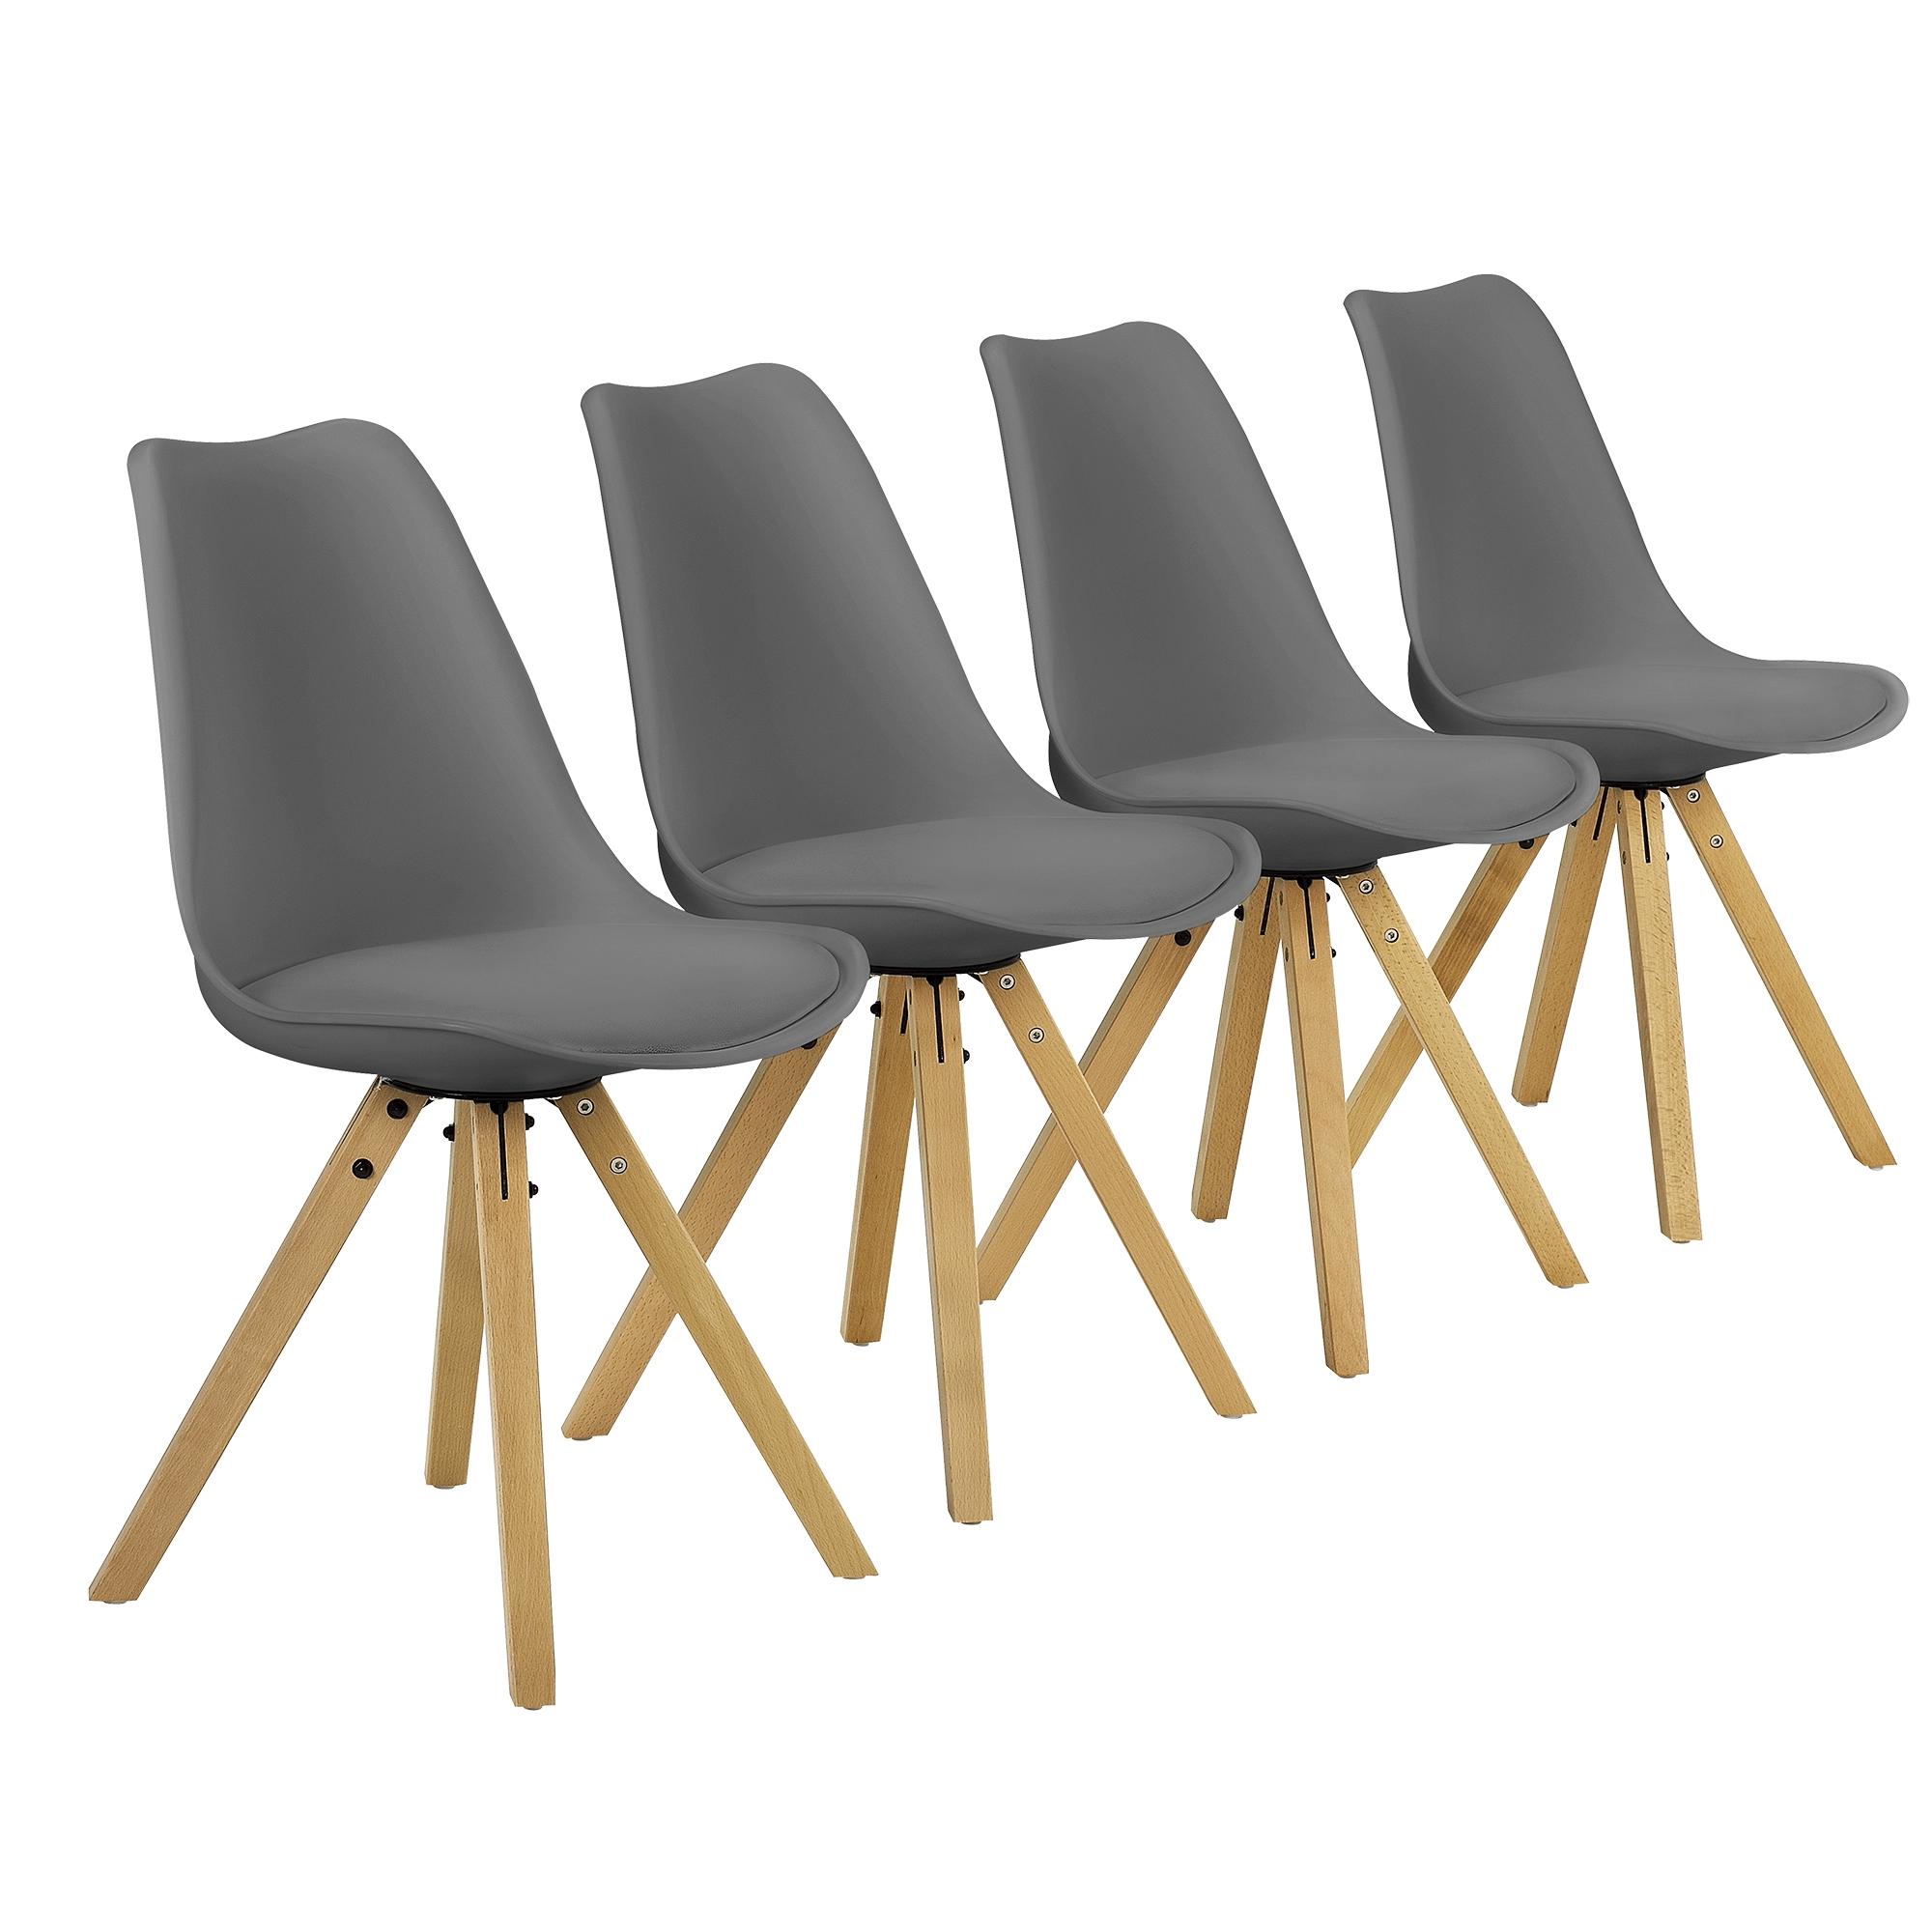 esstisch mit 4 st hlen wei grau 120x70cm tisch st hle essgruppe ebay. Black Bedroom Furniture Sets. Home Design Ideas